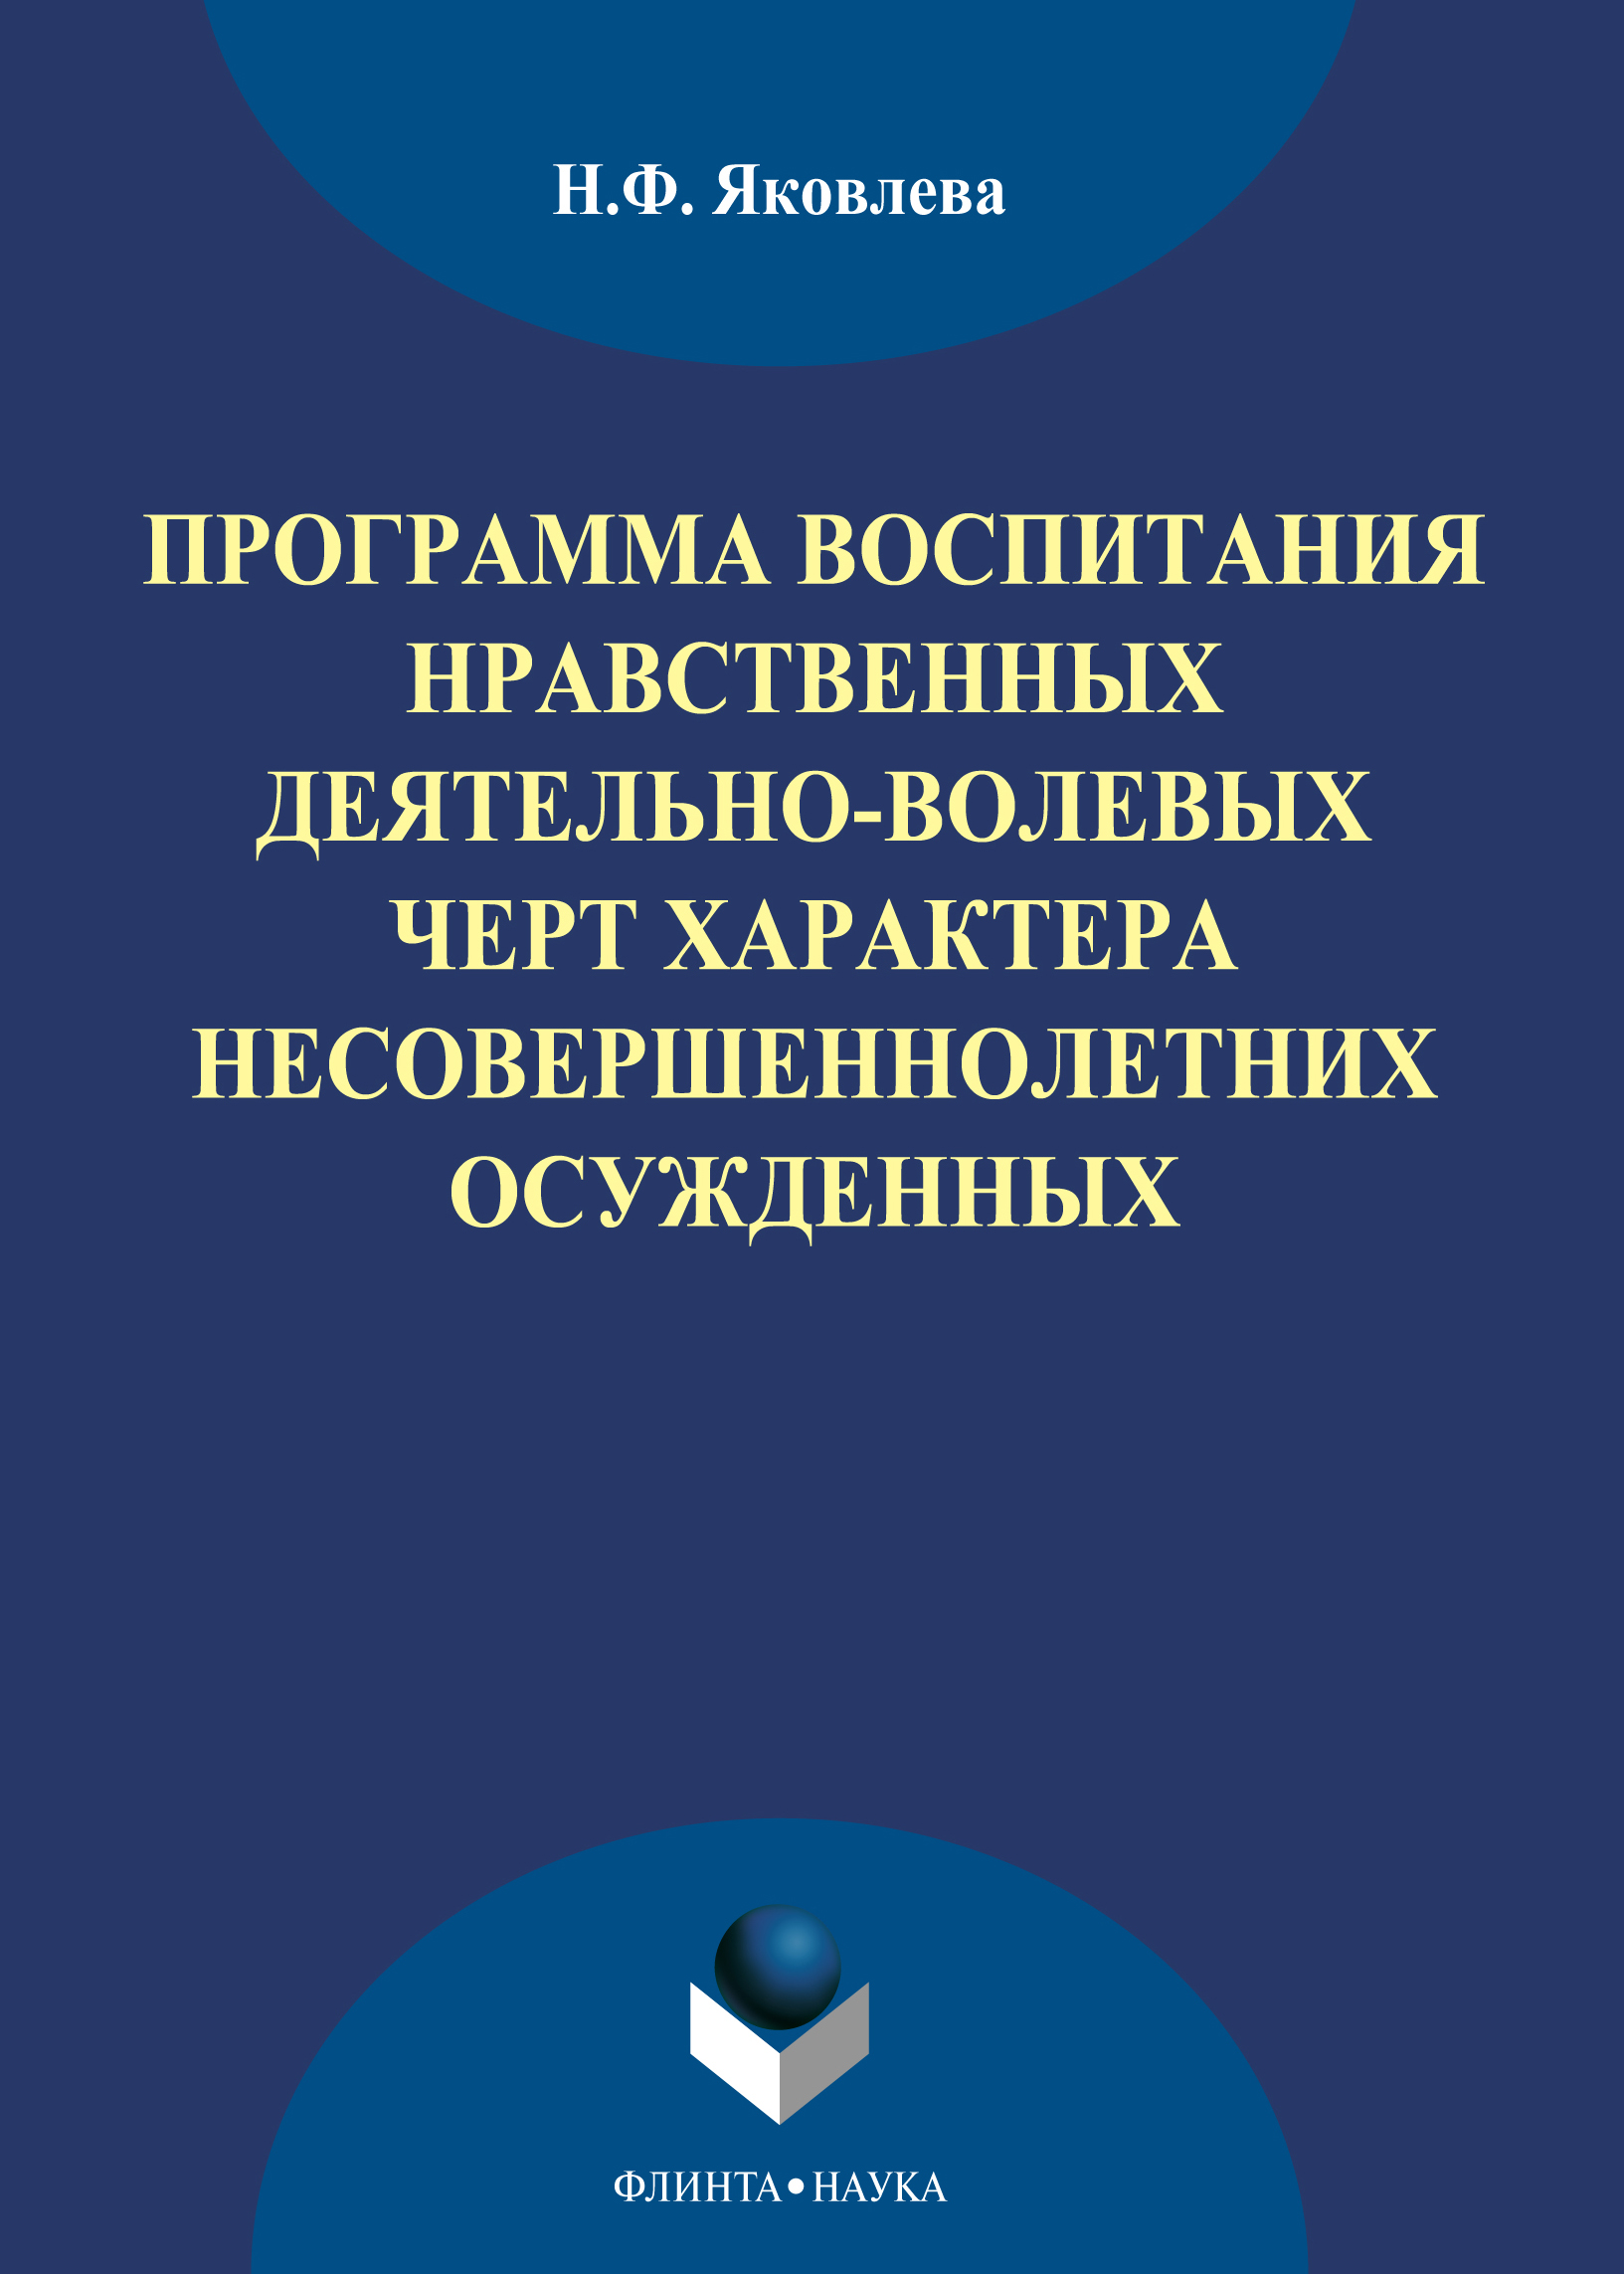 Н. Ф. Яковлева Программа воспитания нравственных деятельно-волевых черт характера несовершеннолетних осужденных